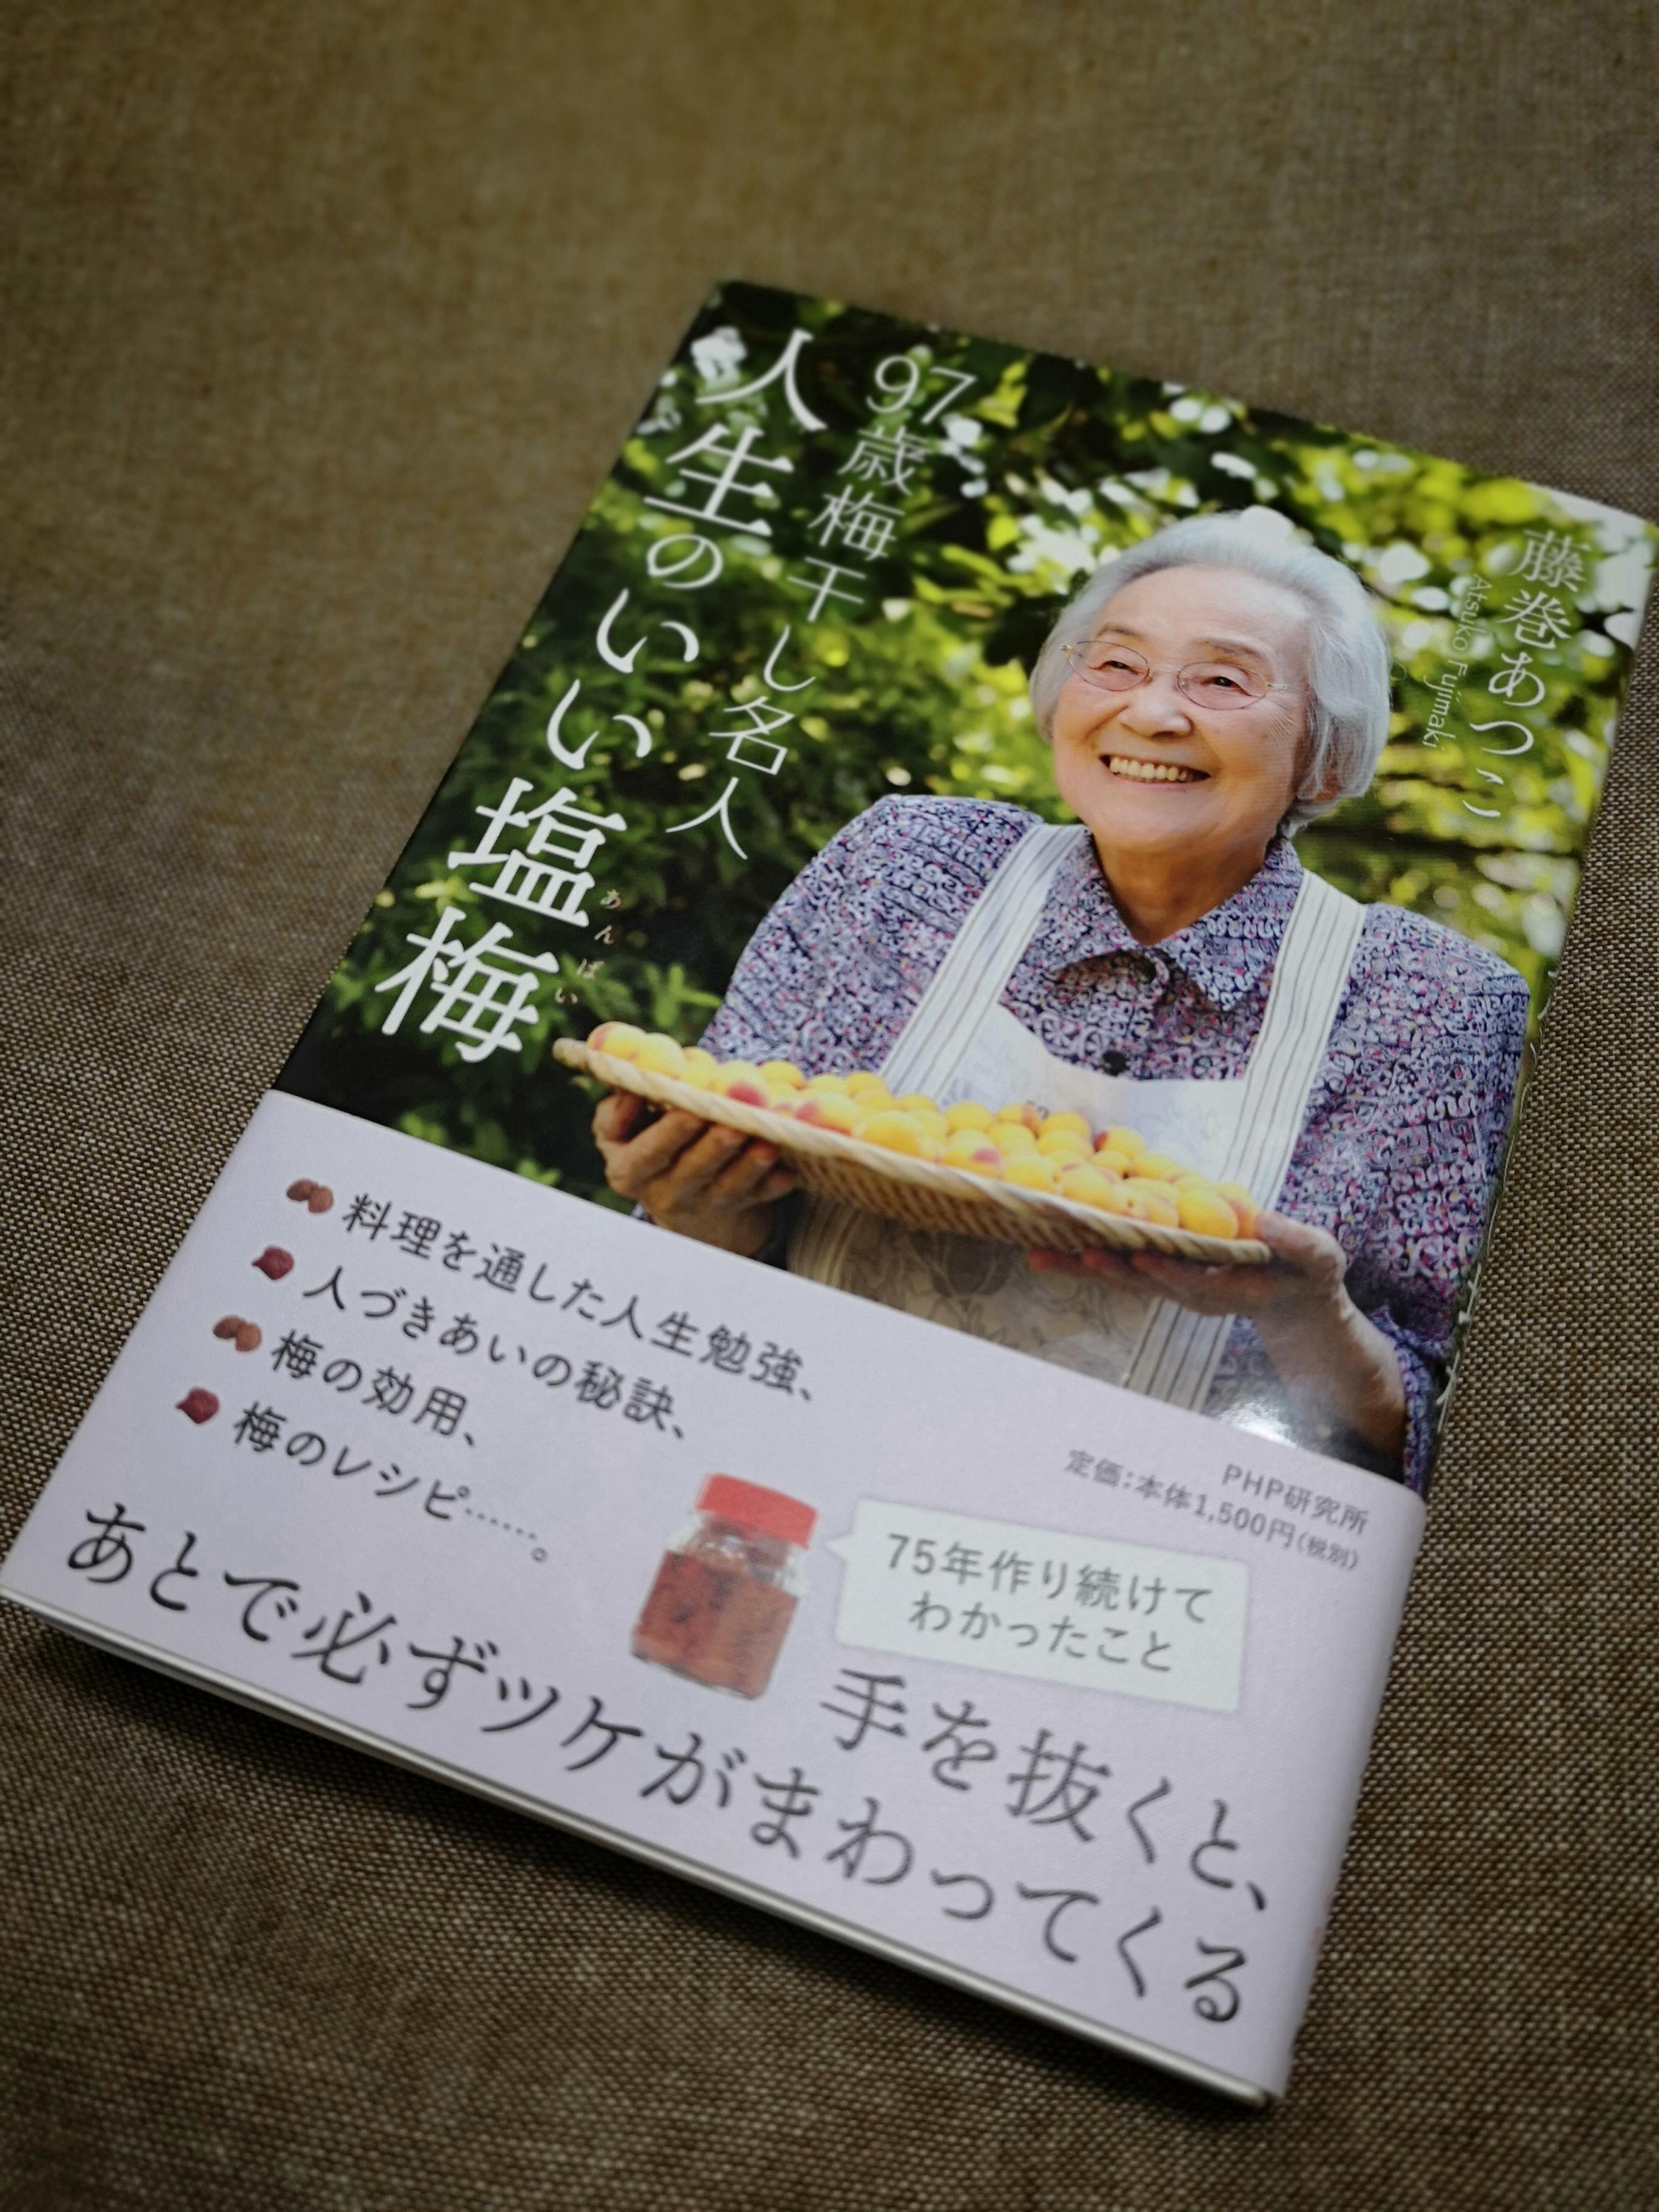 「97歳梅干し名人 人生のいい塩梅」藤巻あつこ